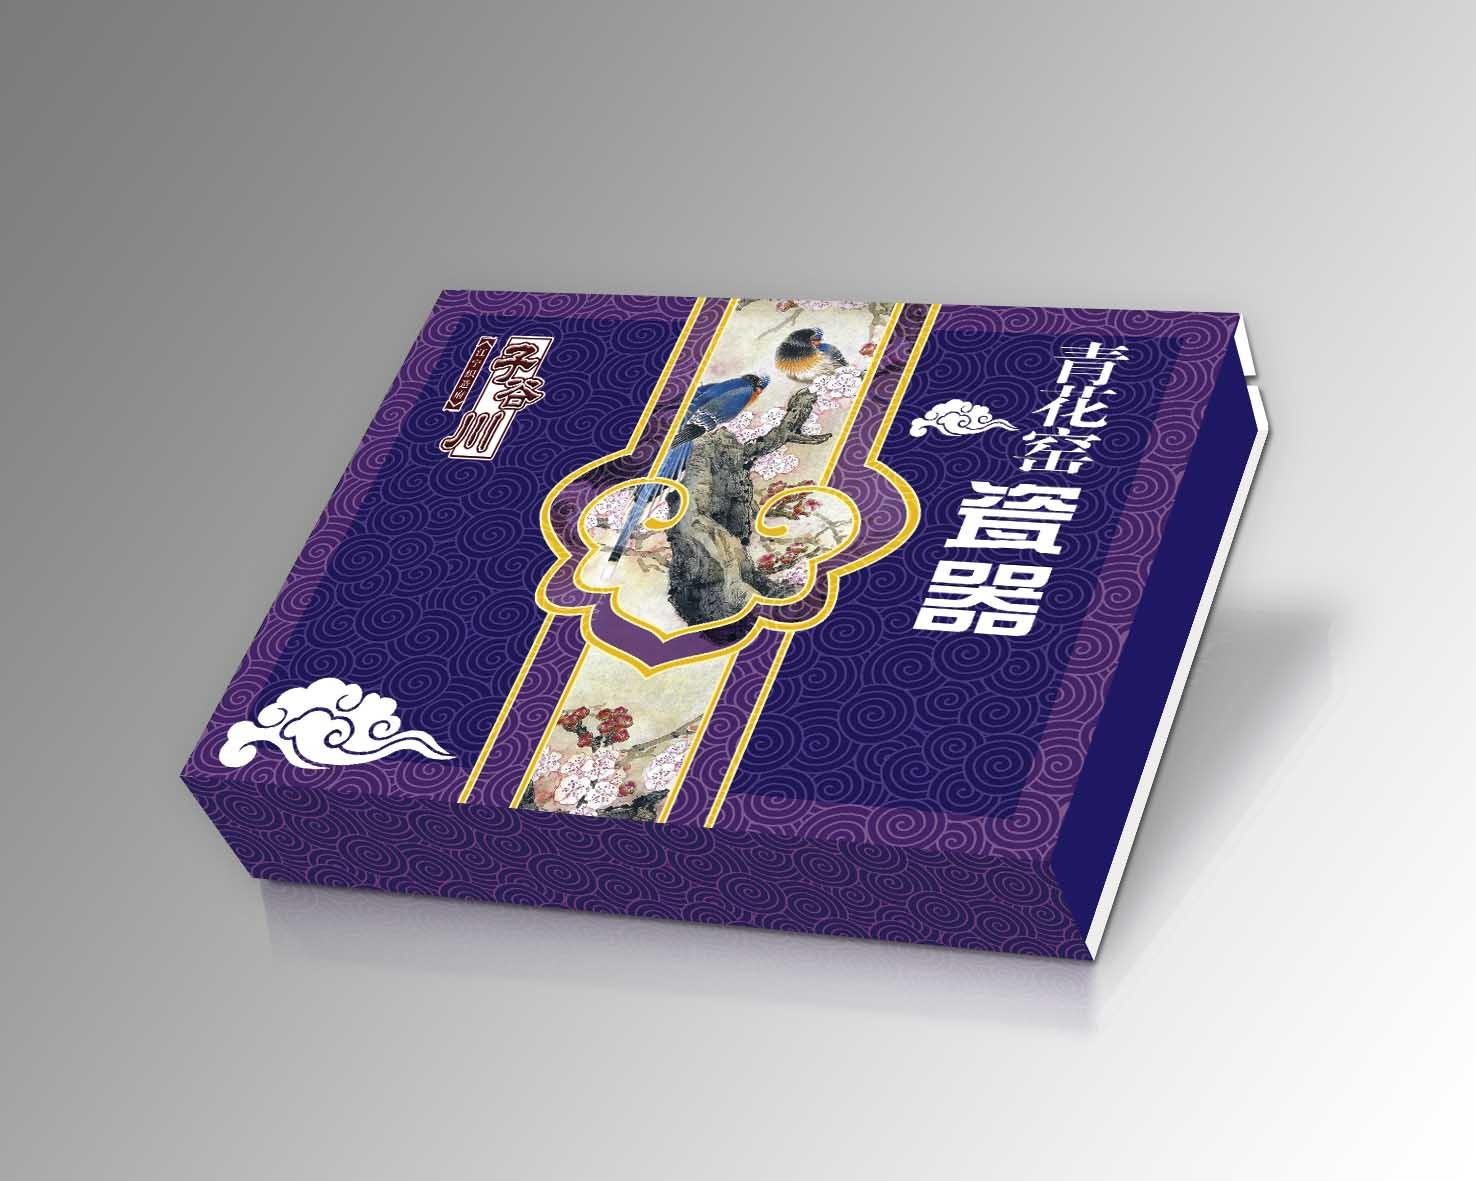 餐具青花陶瓷贡被日用品包装盒设计图片图片